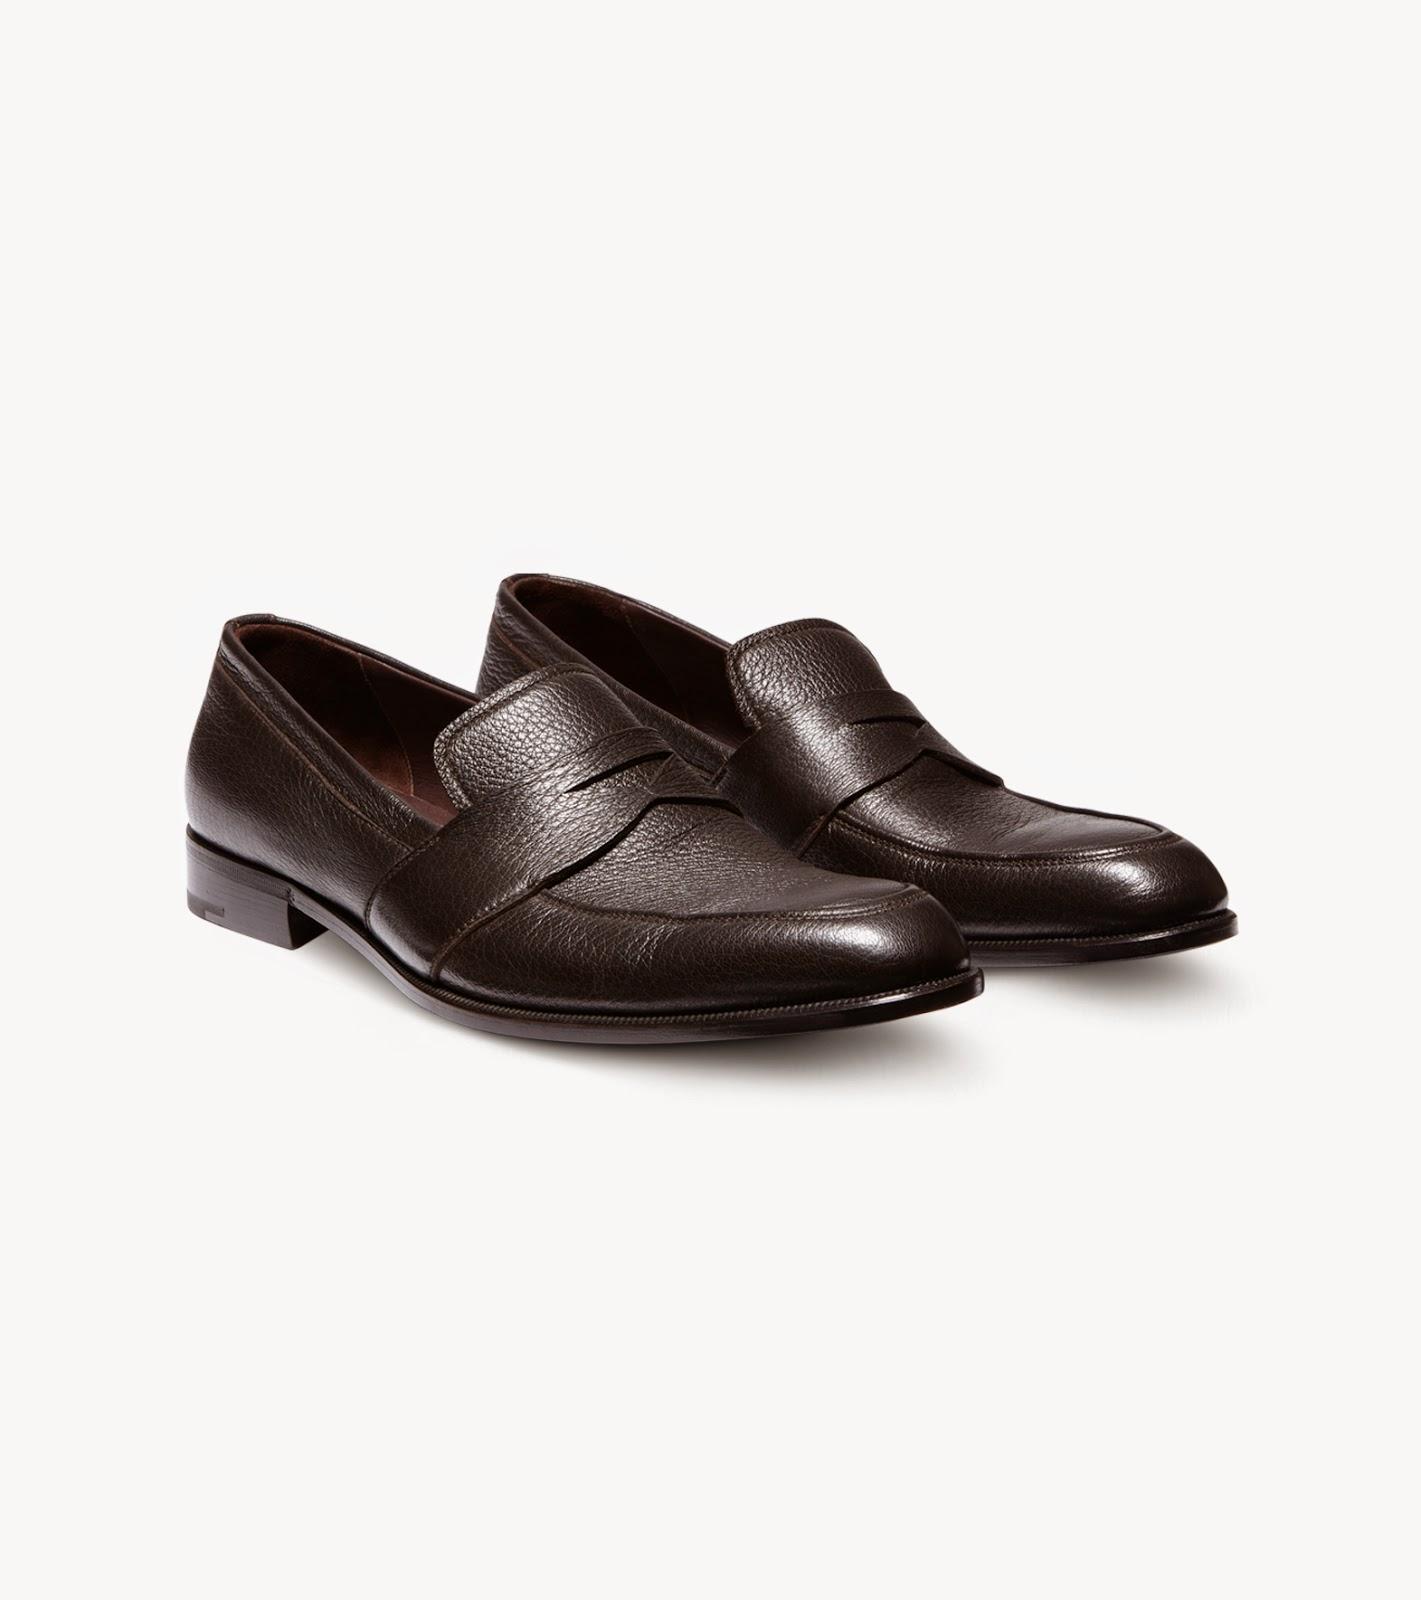 d11c495e2 Ermenegildo Zegna Flex Shoes - Comfort For Style Should Not Be Compromised